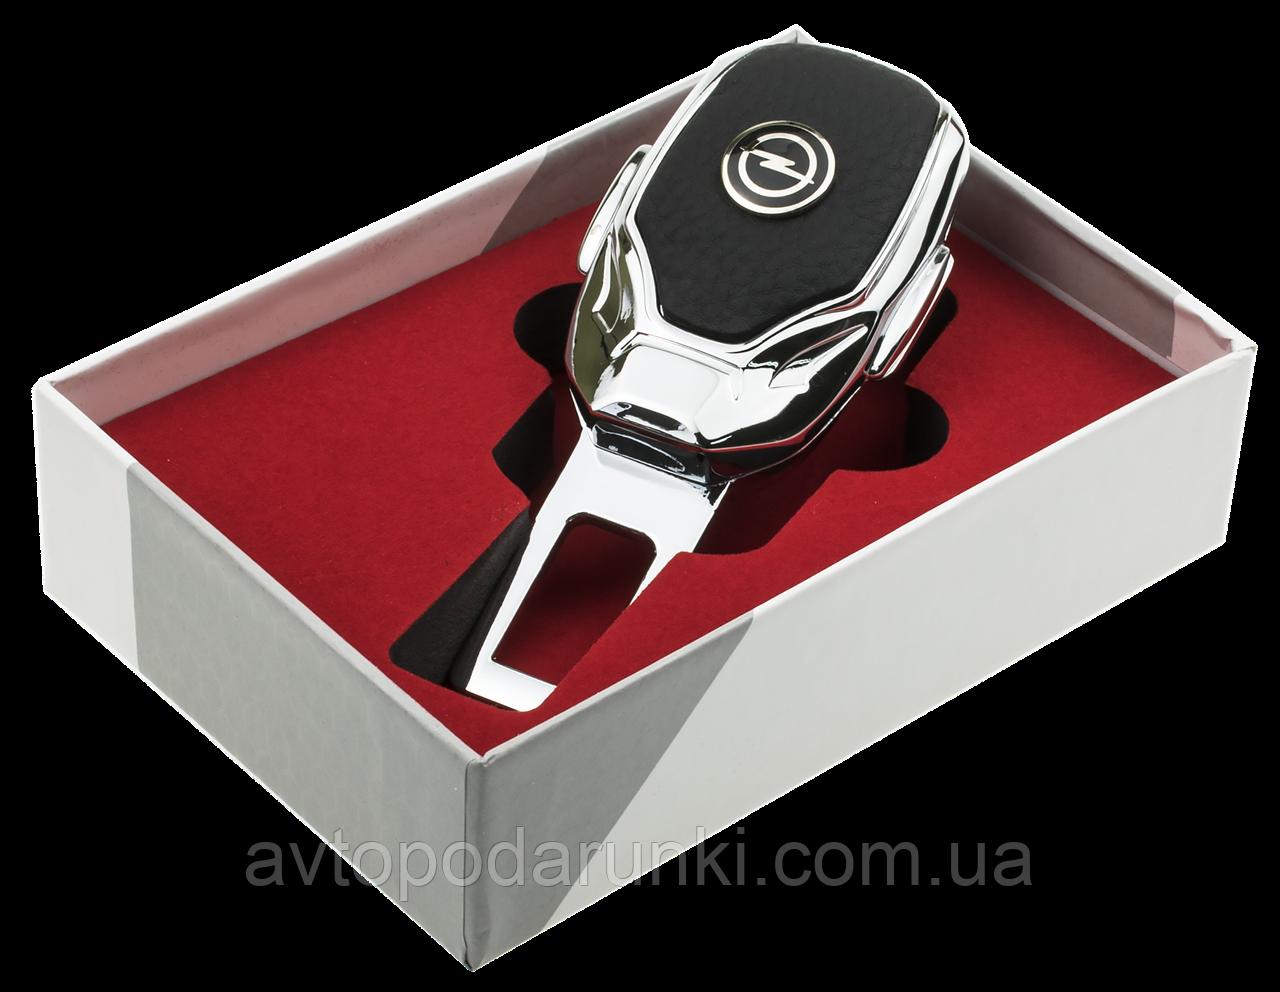 Заглушка - переходник ремня безопасности  с логотипом OPEL VIP КЛАССА (Авиационная сталь, кожа)